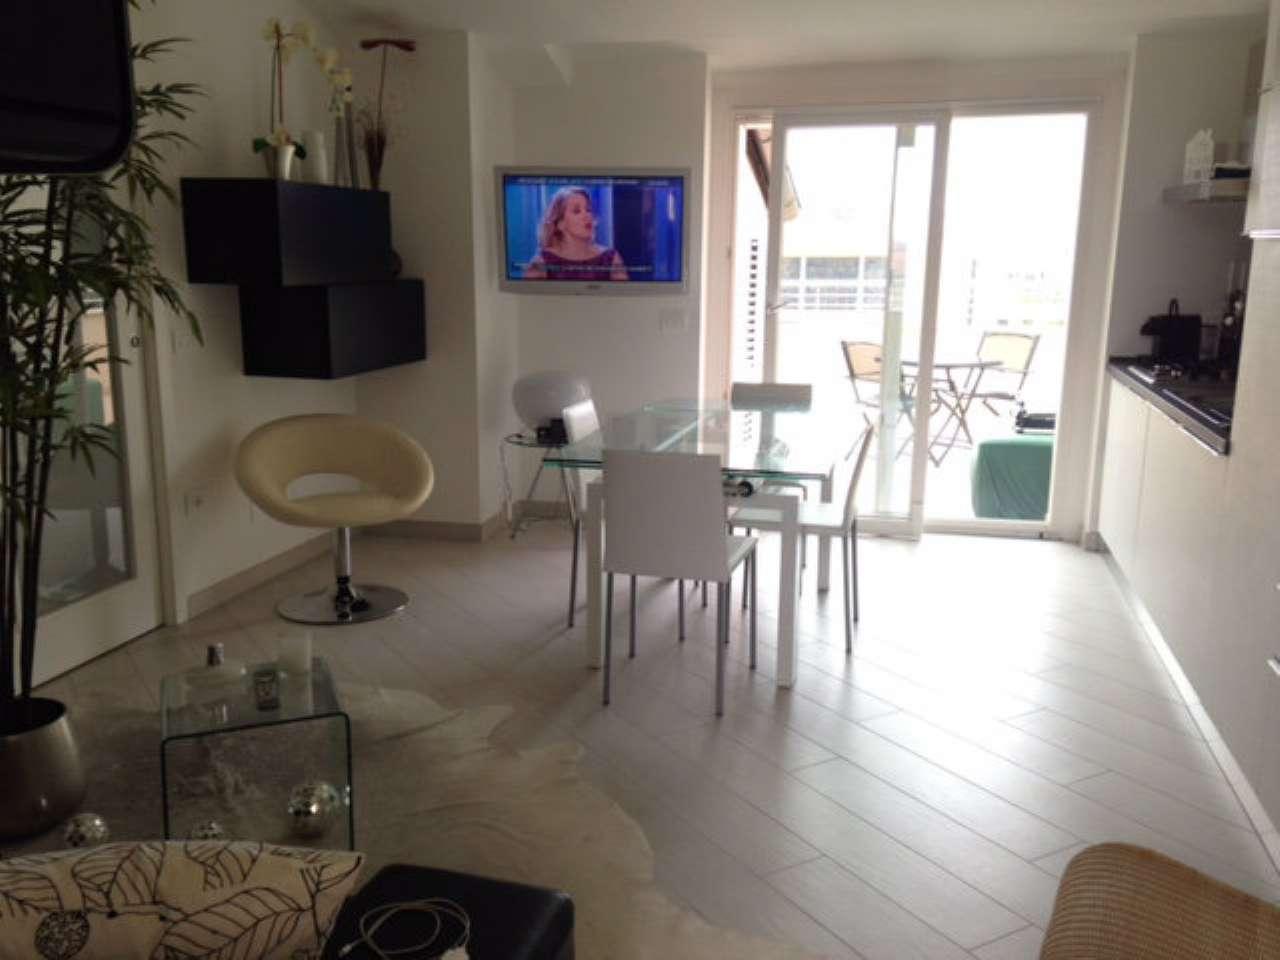 Attico / Mansarda in affitto a Tortoreto, 3 locali, prezzo € 500 | CambioCasa.it